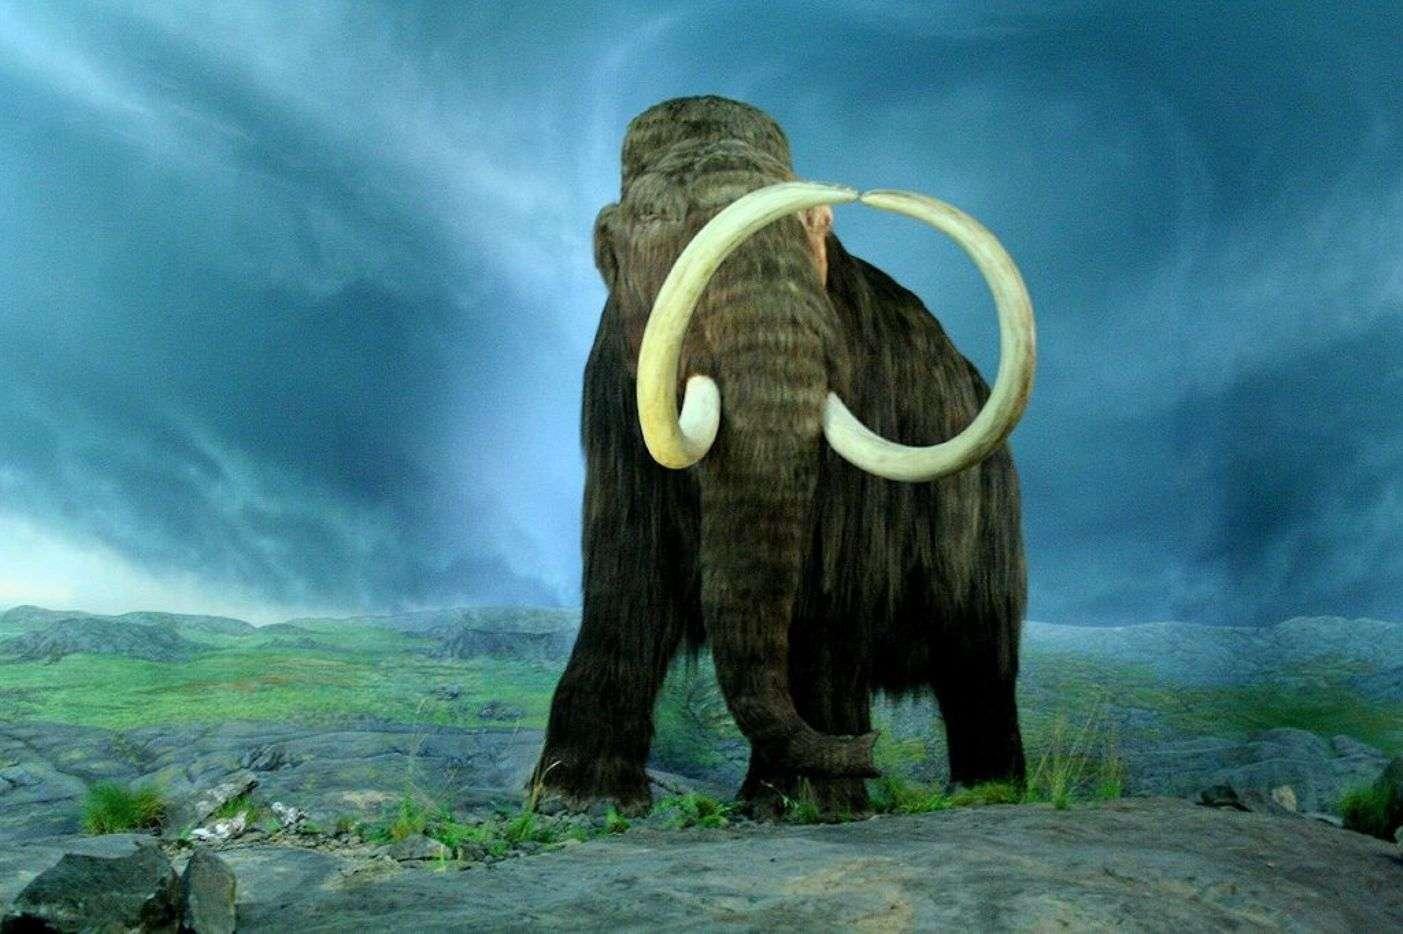 Les premières espèces de mammouths sont apparues il y a environ 4 millions d'années et les tout derniers spécimens ont disparu il y a moins de 4.000 ans. En une trentaine de lieux, on a retrouvé des amoncellements de squelettes, qui pourraient être le fait d'Hommes préhistoriques, épaulés par des chiens. © Tracy O, Wikipédia, cc by sa 2.0